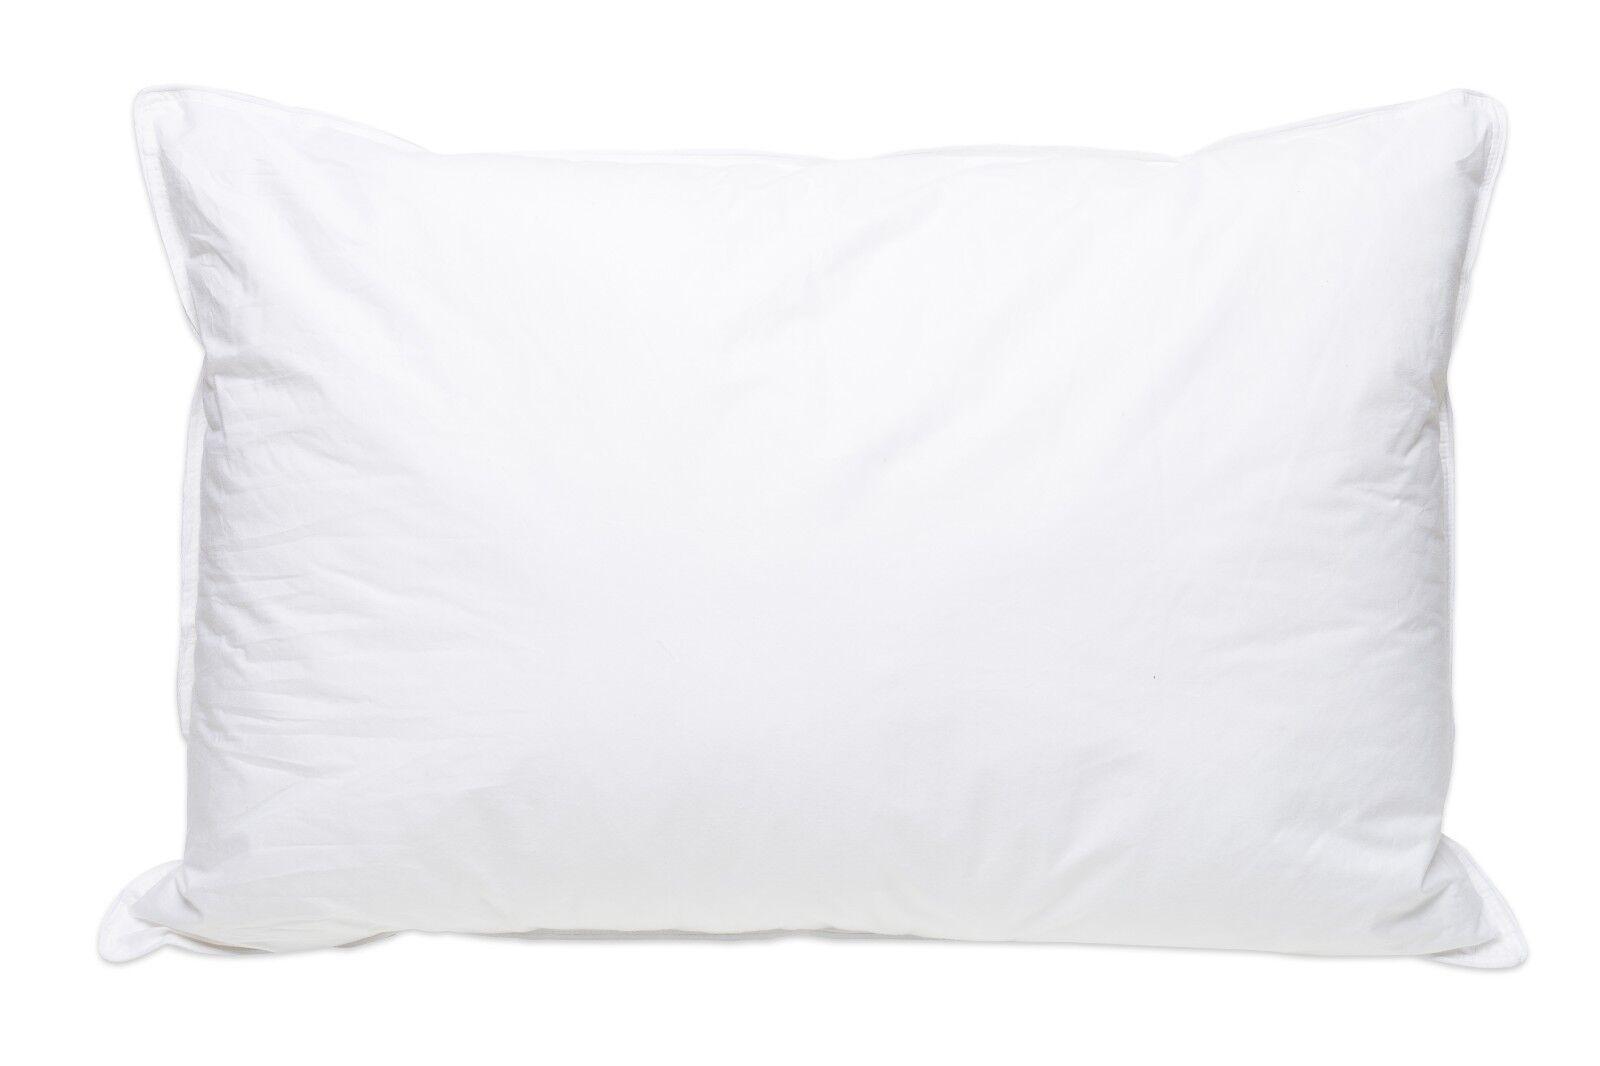 Pillowtex® Firm Premium Polyester Pillow